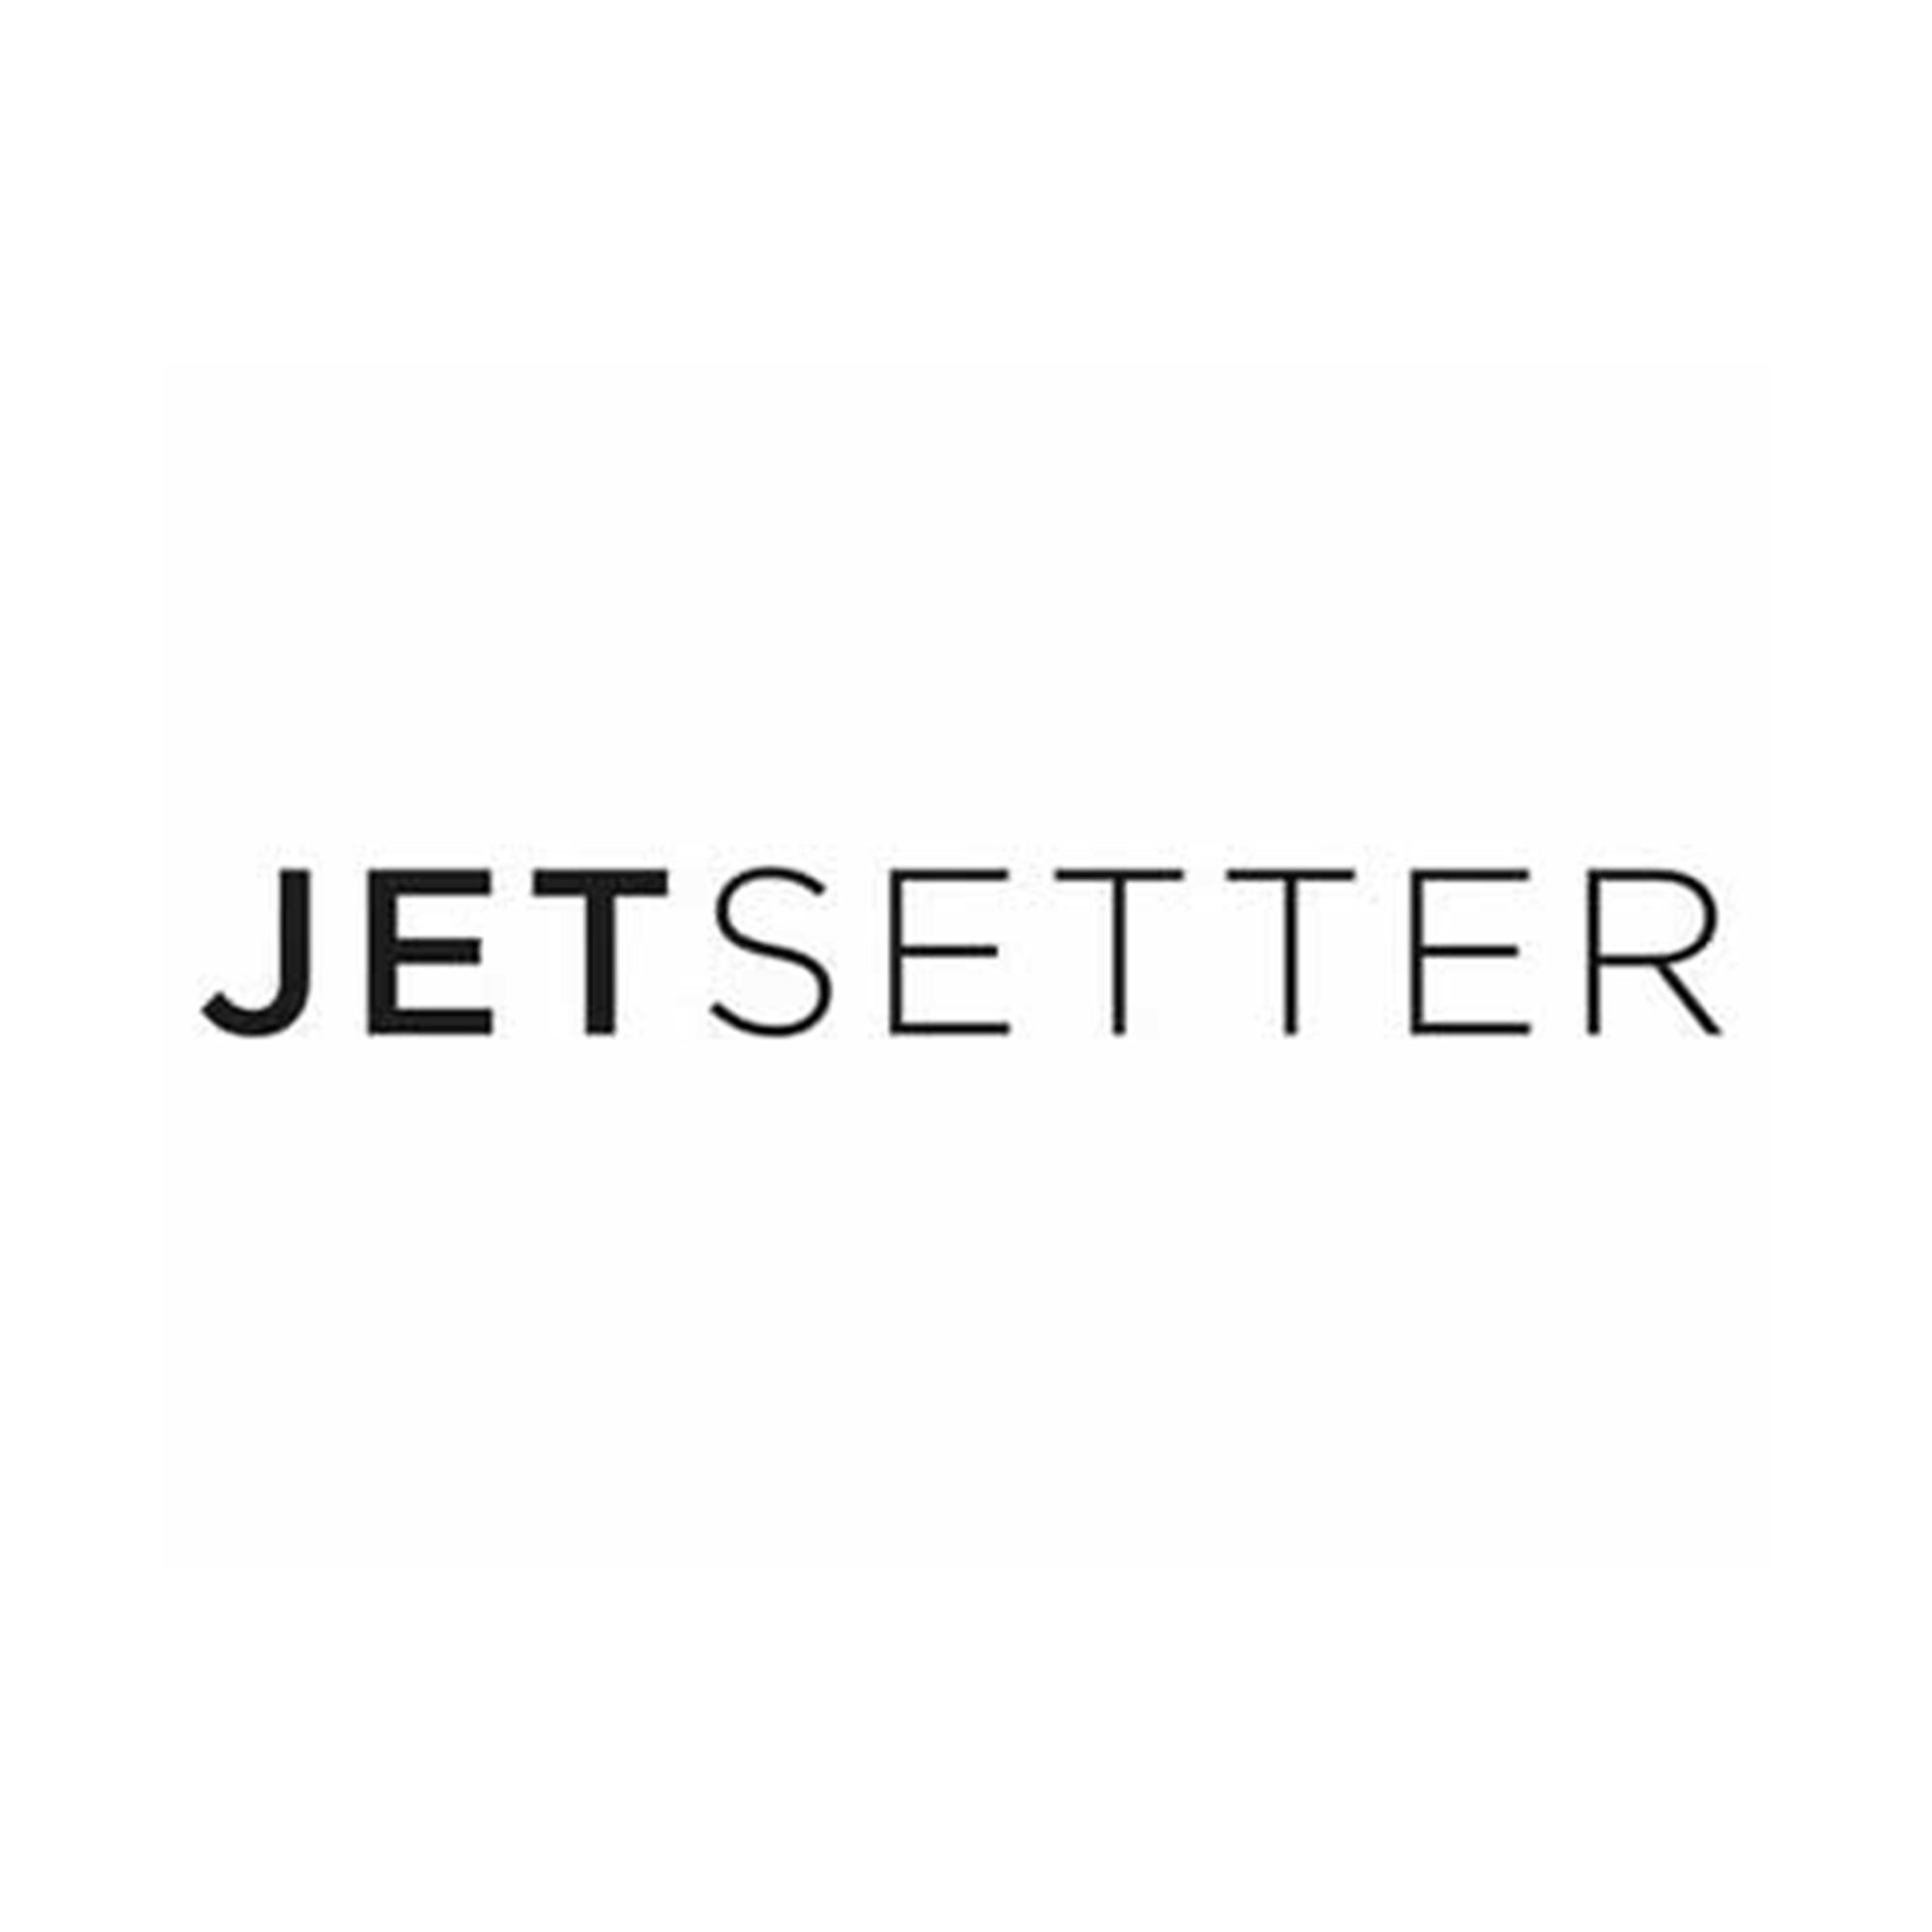 jetsetter.png